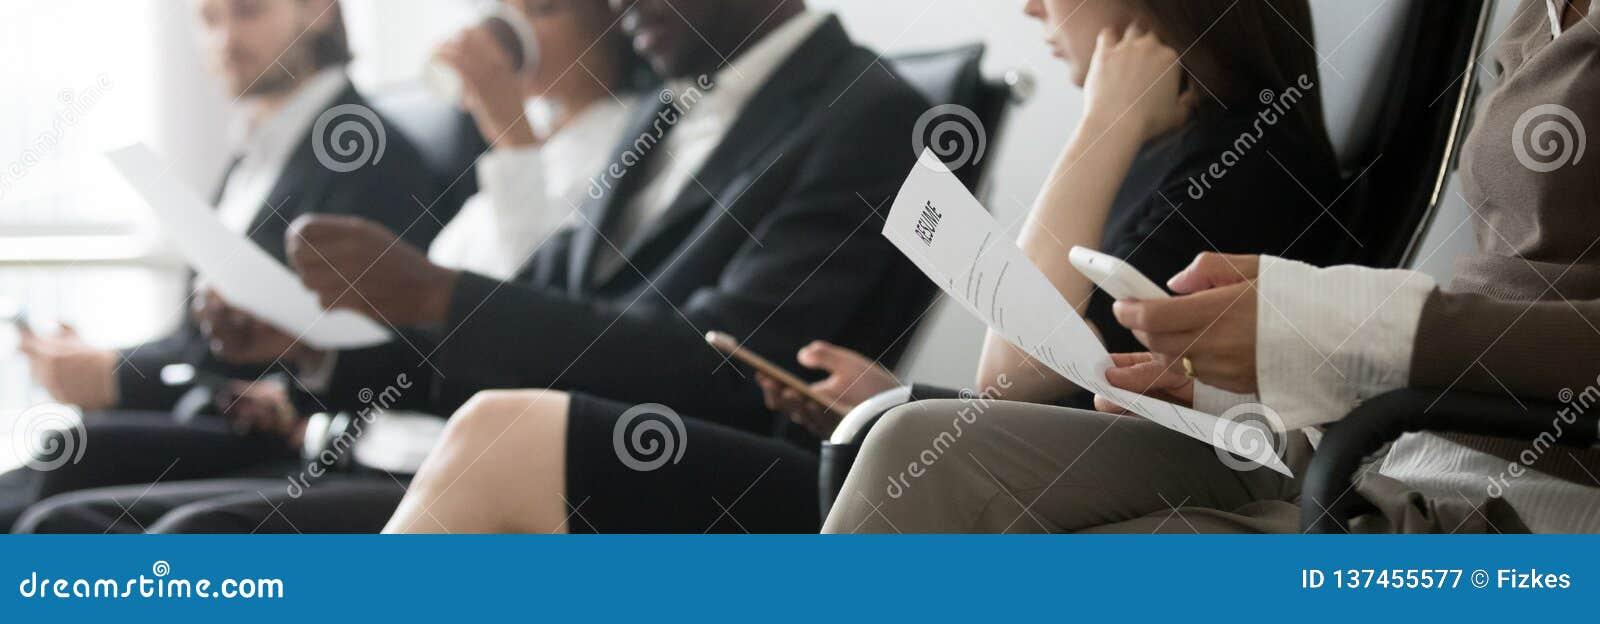 Povos multirraciais da foto horizontal lateral que sentam-se na entrevista de espera da fila